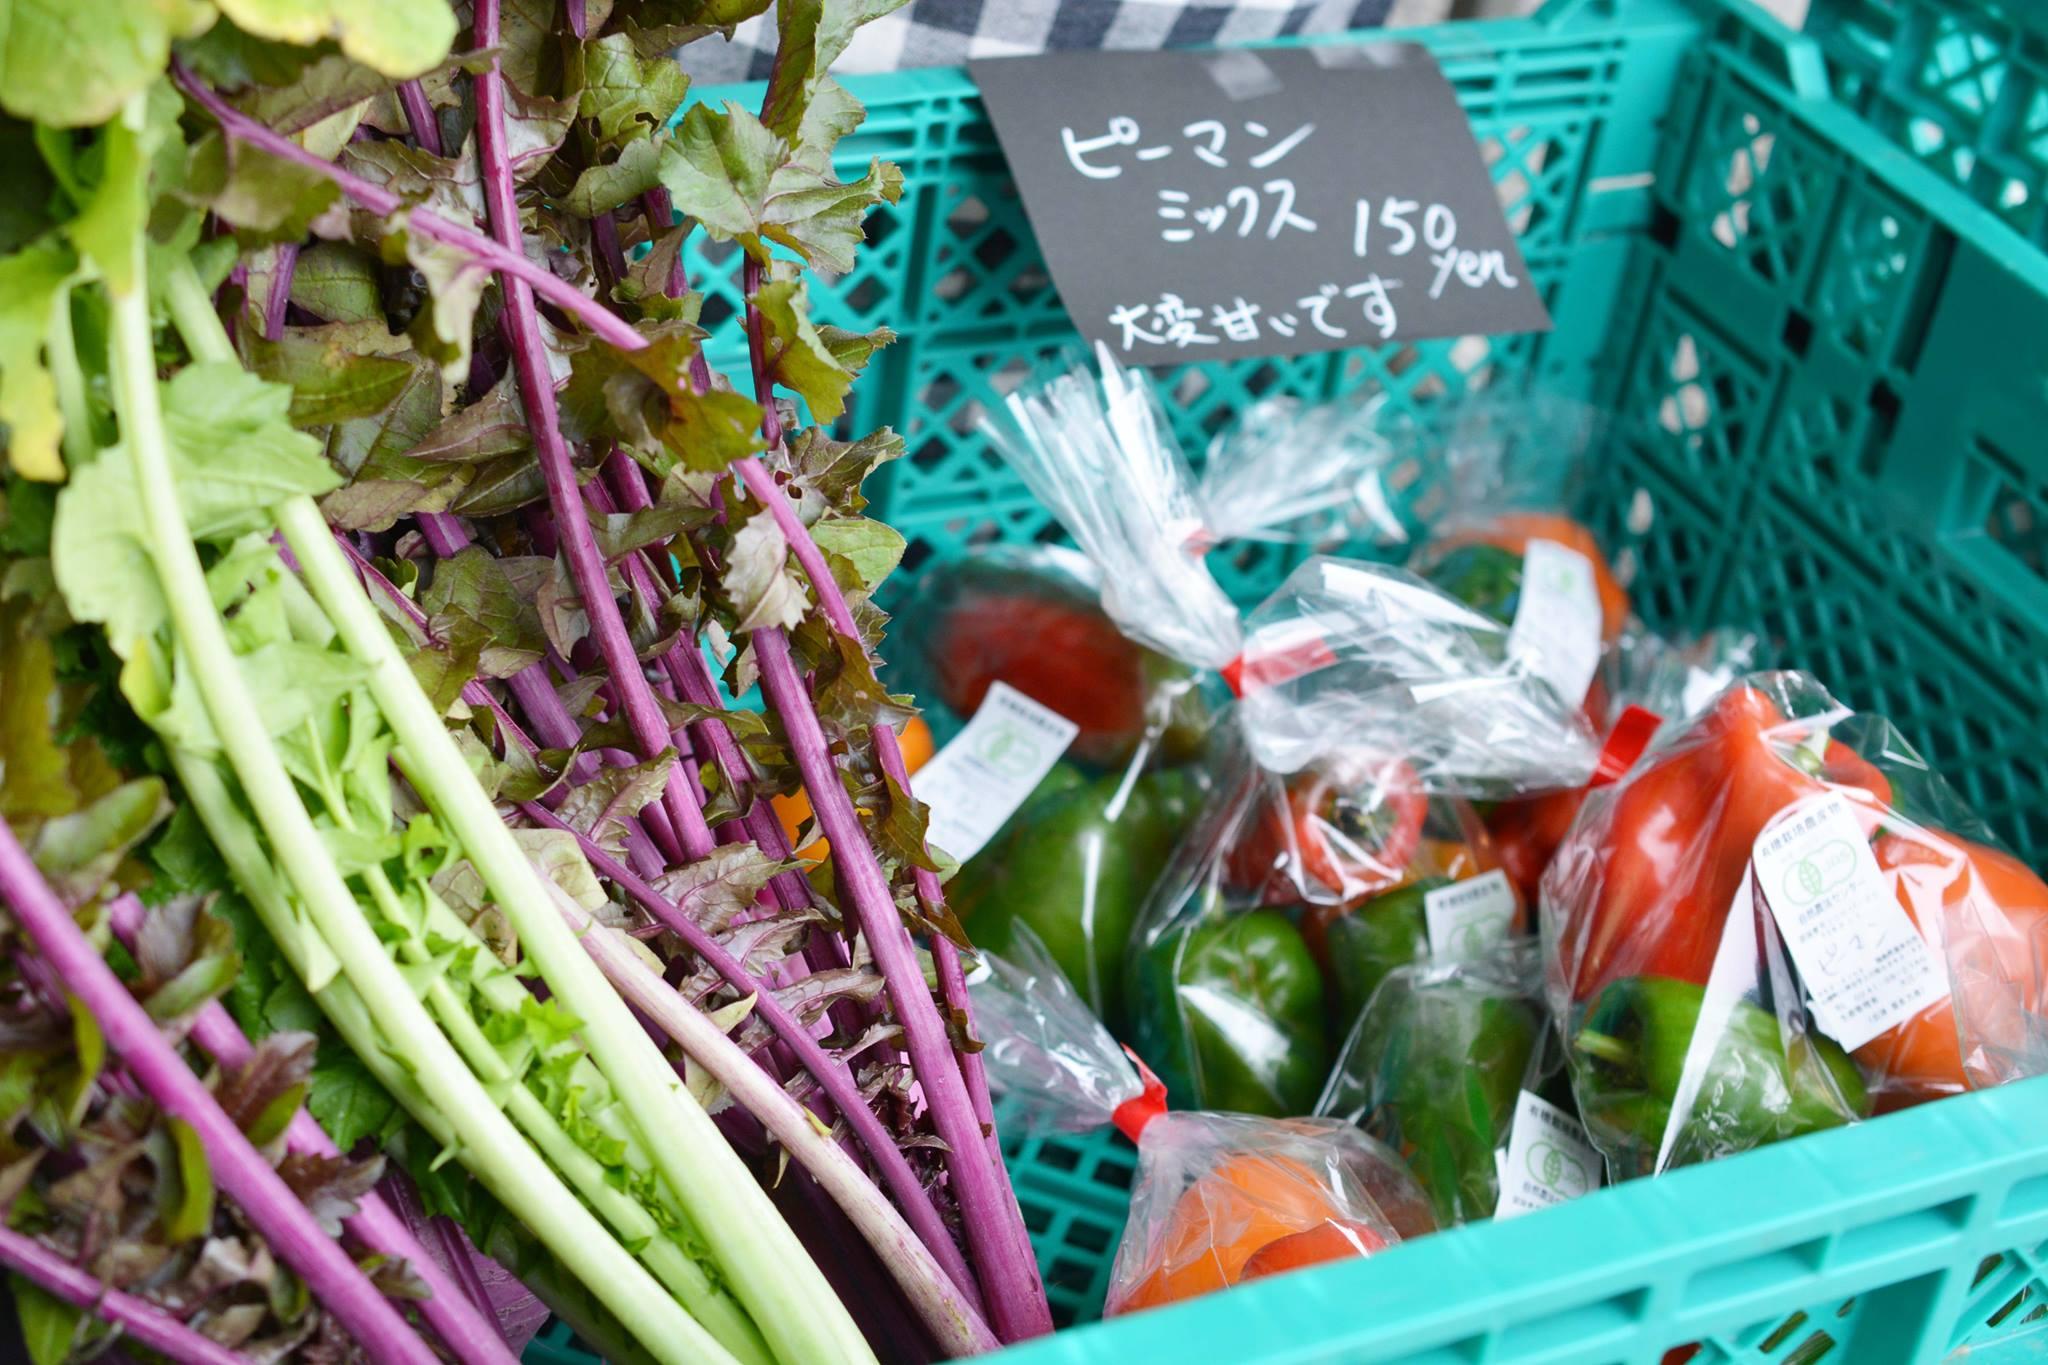 無農薬野菜各種取り揃え